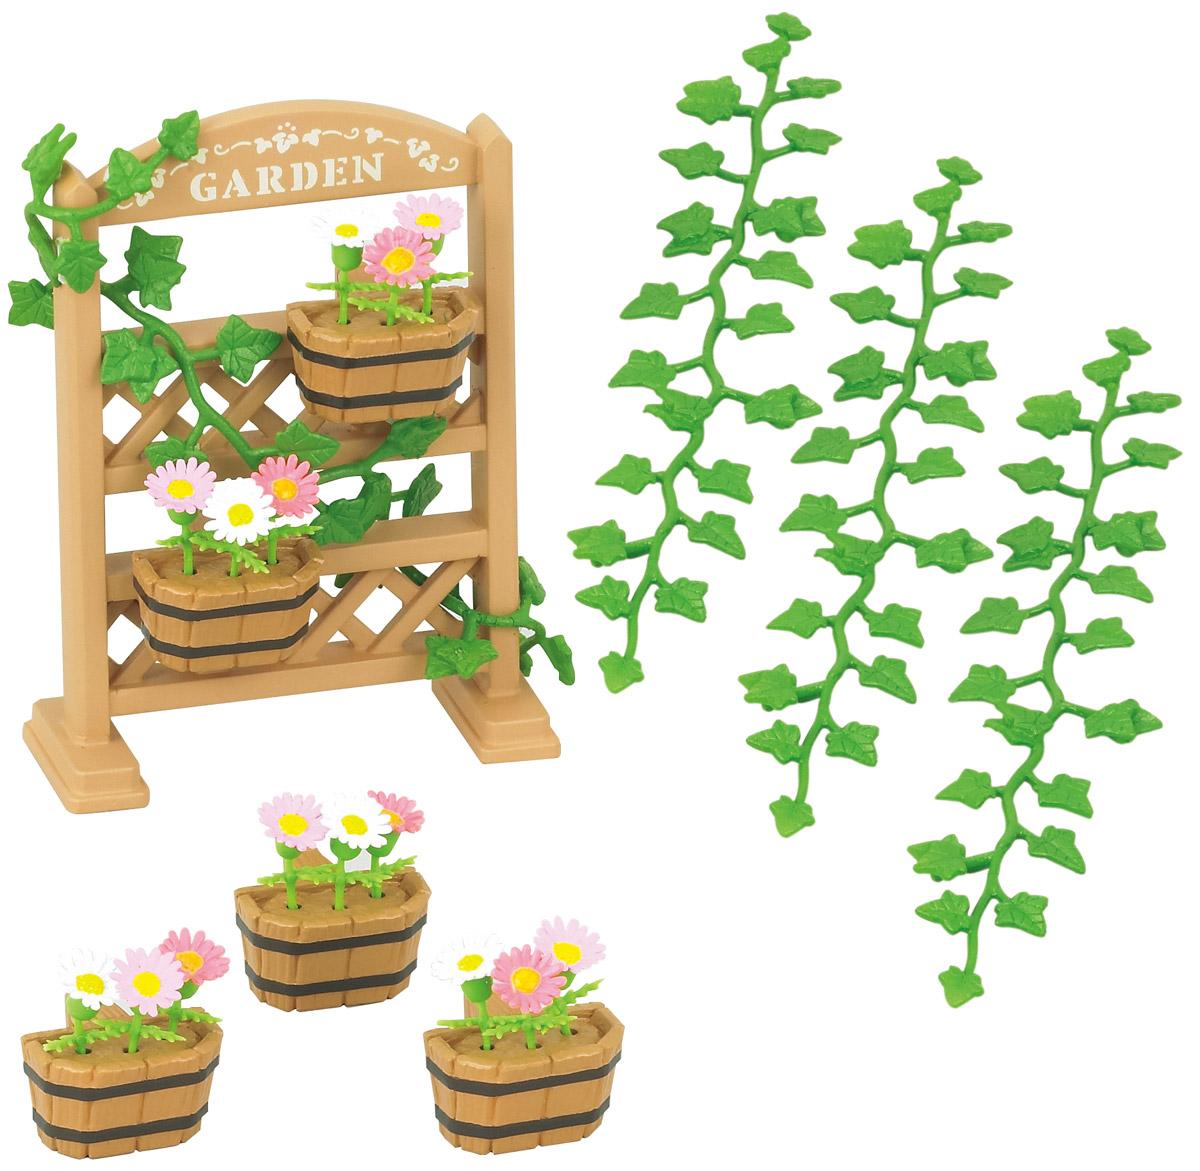 Sylvanian Families Игровой набор Садовый декор5224KИгровой набор Sylvanian Families Садовый декор не оставит равнодушным ни одну малышку. В комплект входят подставка для цветочных горшков, 5 цветочных кашпо, 15 цветов, 4 веточки плюща. Такой садовый декор подойдет любому семейству Sylvanian. Набор подходит для сюжетно-ролевых игр малыша, развивает мелкую моторику, координацию движения, фантазию, мышление и воображение малыша. Набор станет прекрасным дополнением к серии Sylvanian Families. Все элементы выполнены с невероятной тщательностью из безопасных материалов. КомпанияSylvanian Families была основана в 1985 году, в Японии. Sylvanian Families очень популярна в Европе и Азии и, за долгие годы существования, компания смогла добиться больших успехов. 3 года подряд в Англии бренд Sylvanian Families был признан Игрушкой Года. Сегодня у героев Sylvanian Families есть собственное шоу, полнометражный мультфильм и сеть ресторанов, работающая по всей Японии. Sylvanian Families - это целый мир маленьких...